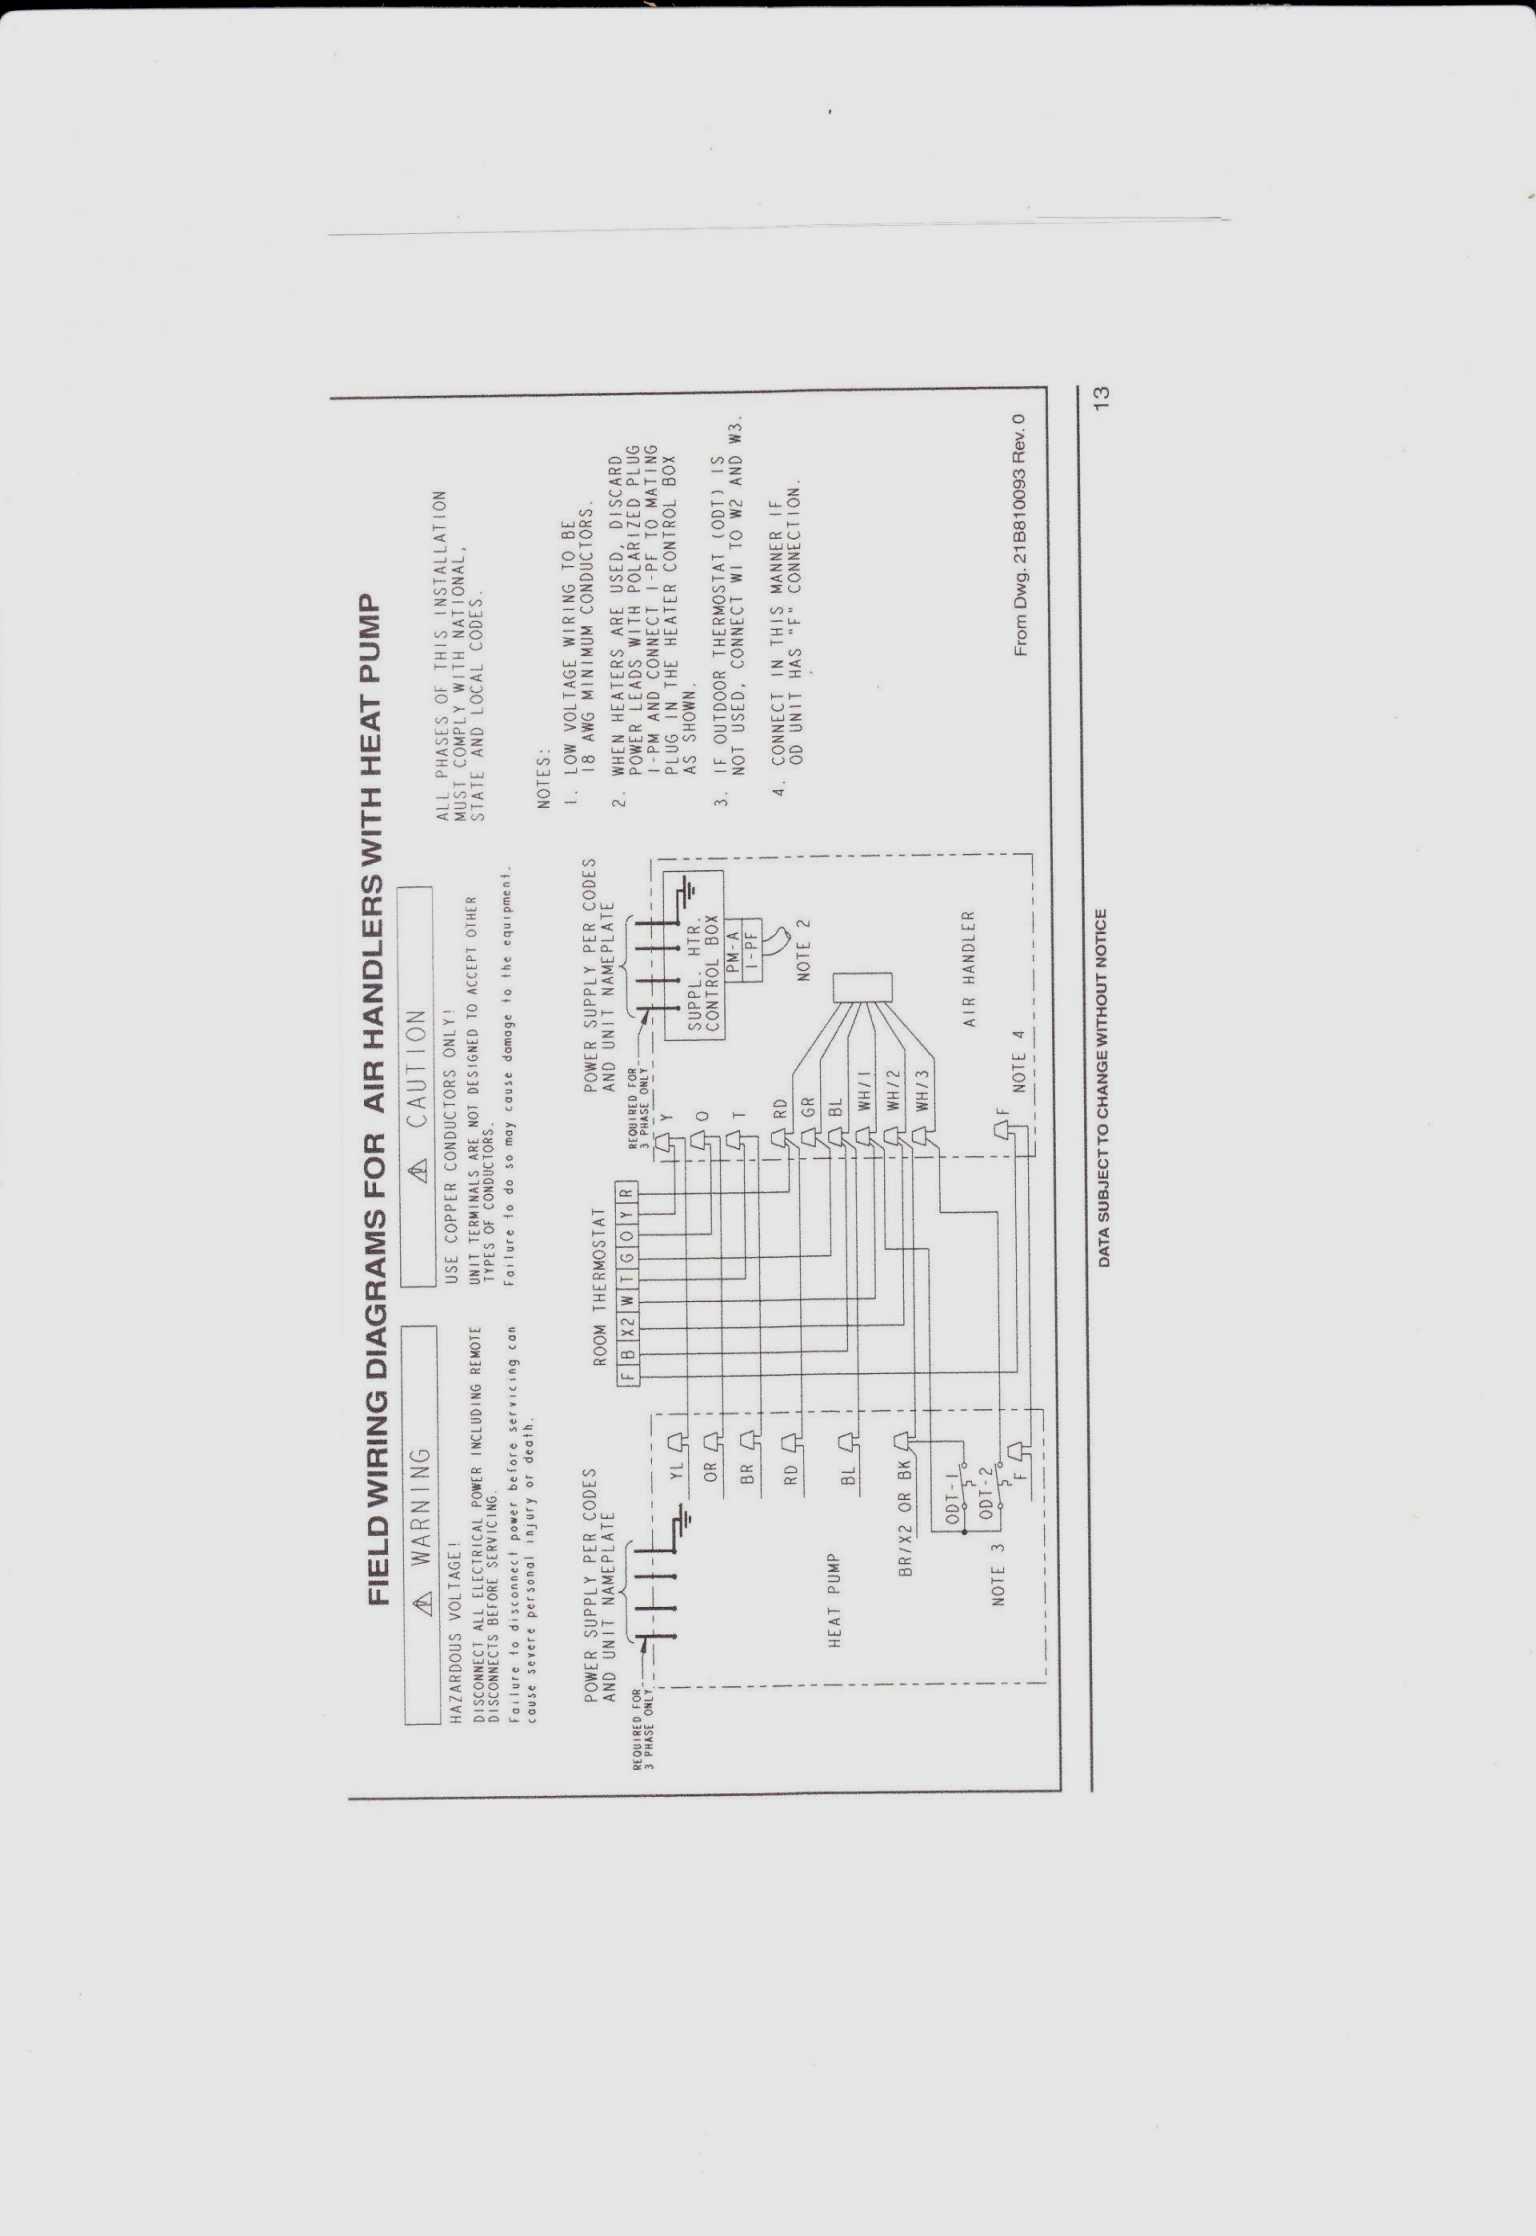 Rheem Gas Furnace Wiring Diagram - All Wiring Diagram - Gas Furnace Thermostat Wiring Diagram